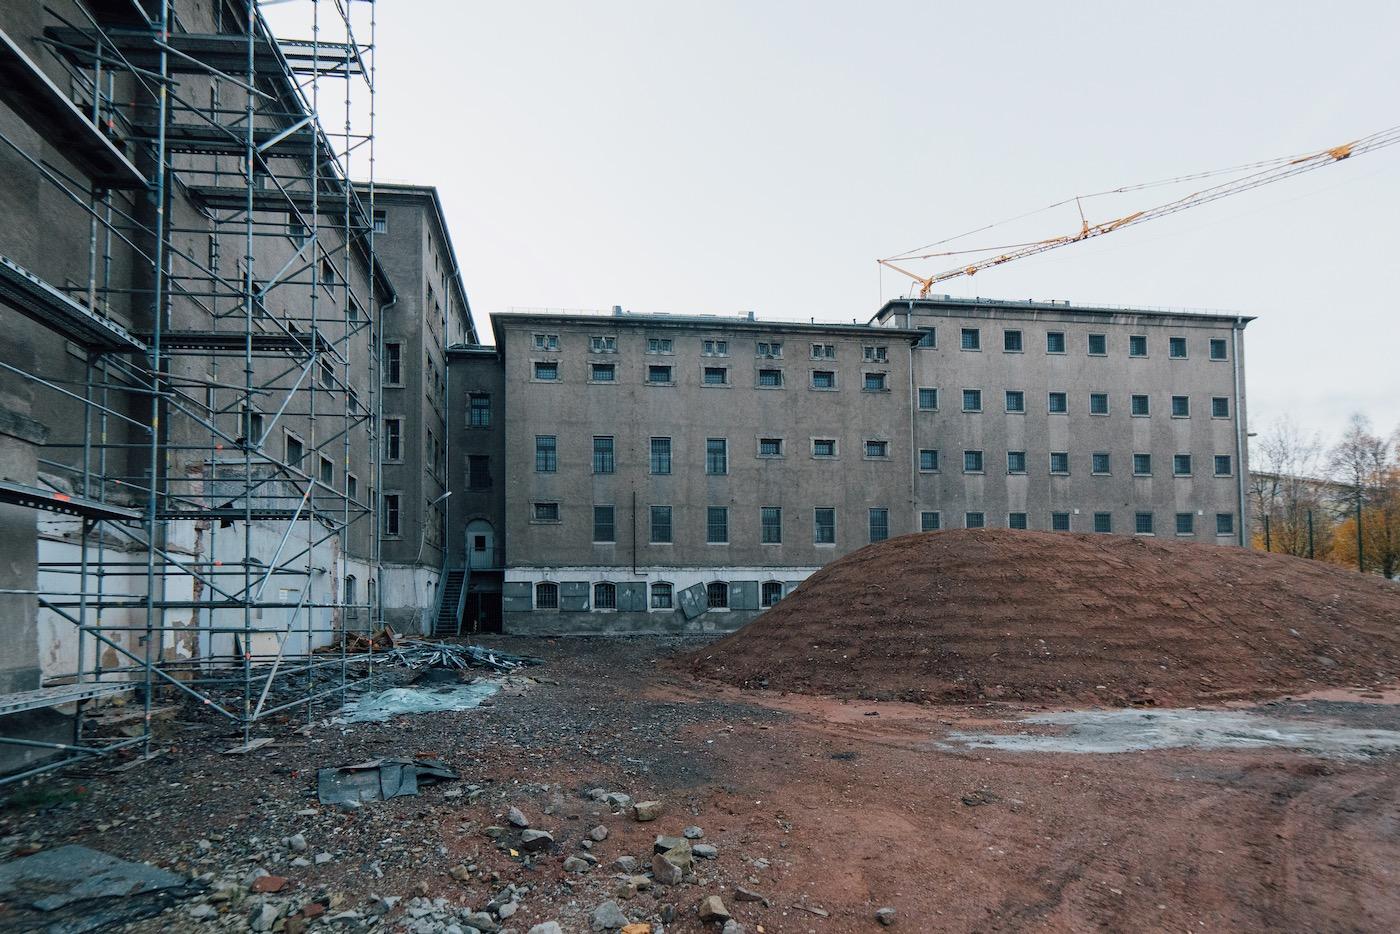 Auf dem Gelände in Chemnitz entstehen Stadtvillen und eine Tiefgarage.